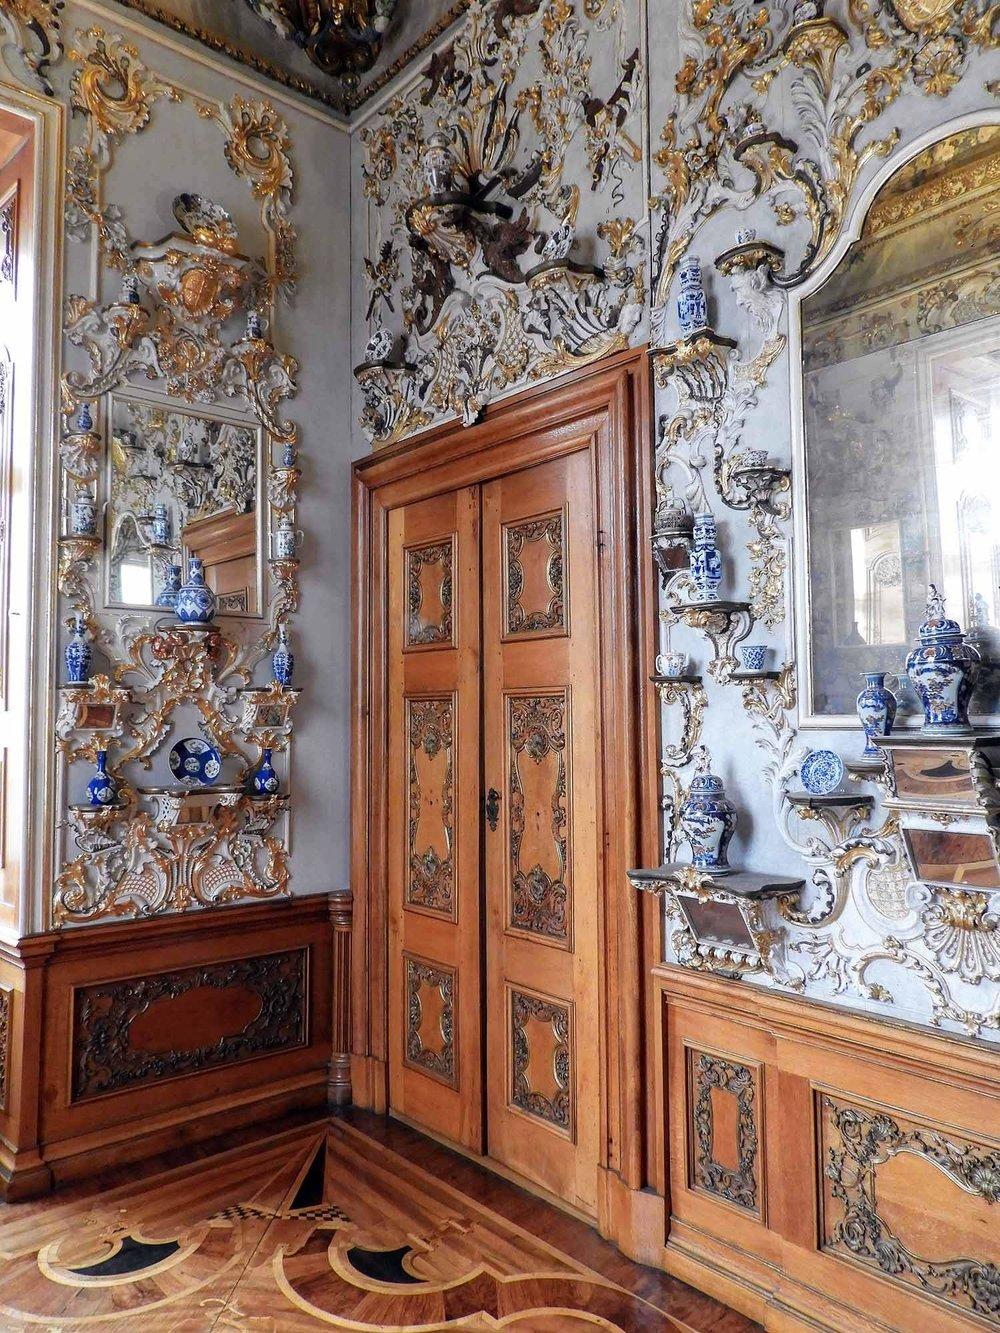 germany-rastatt-residenceschloss-interior-decoration.jpg